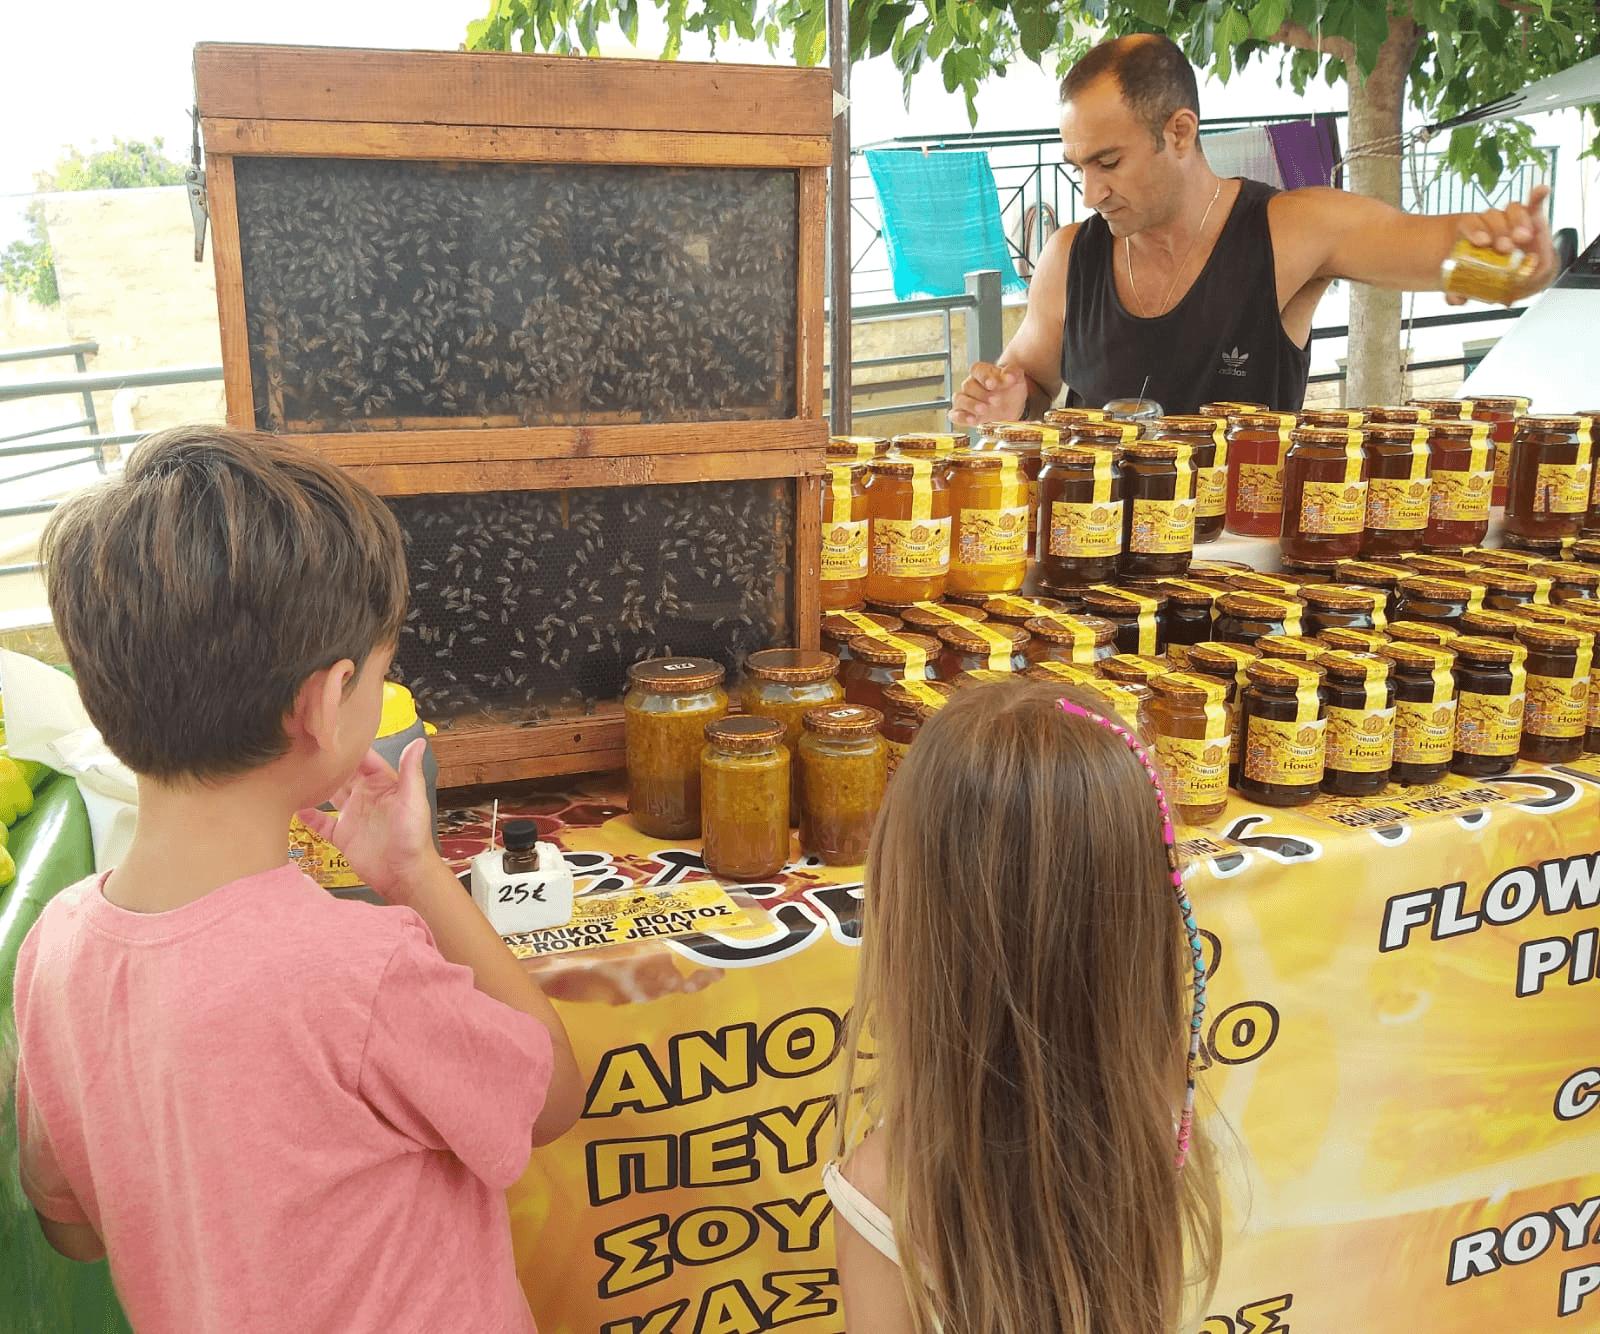 שוק האיכרים ב- Nikiti, חלקידיקי